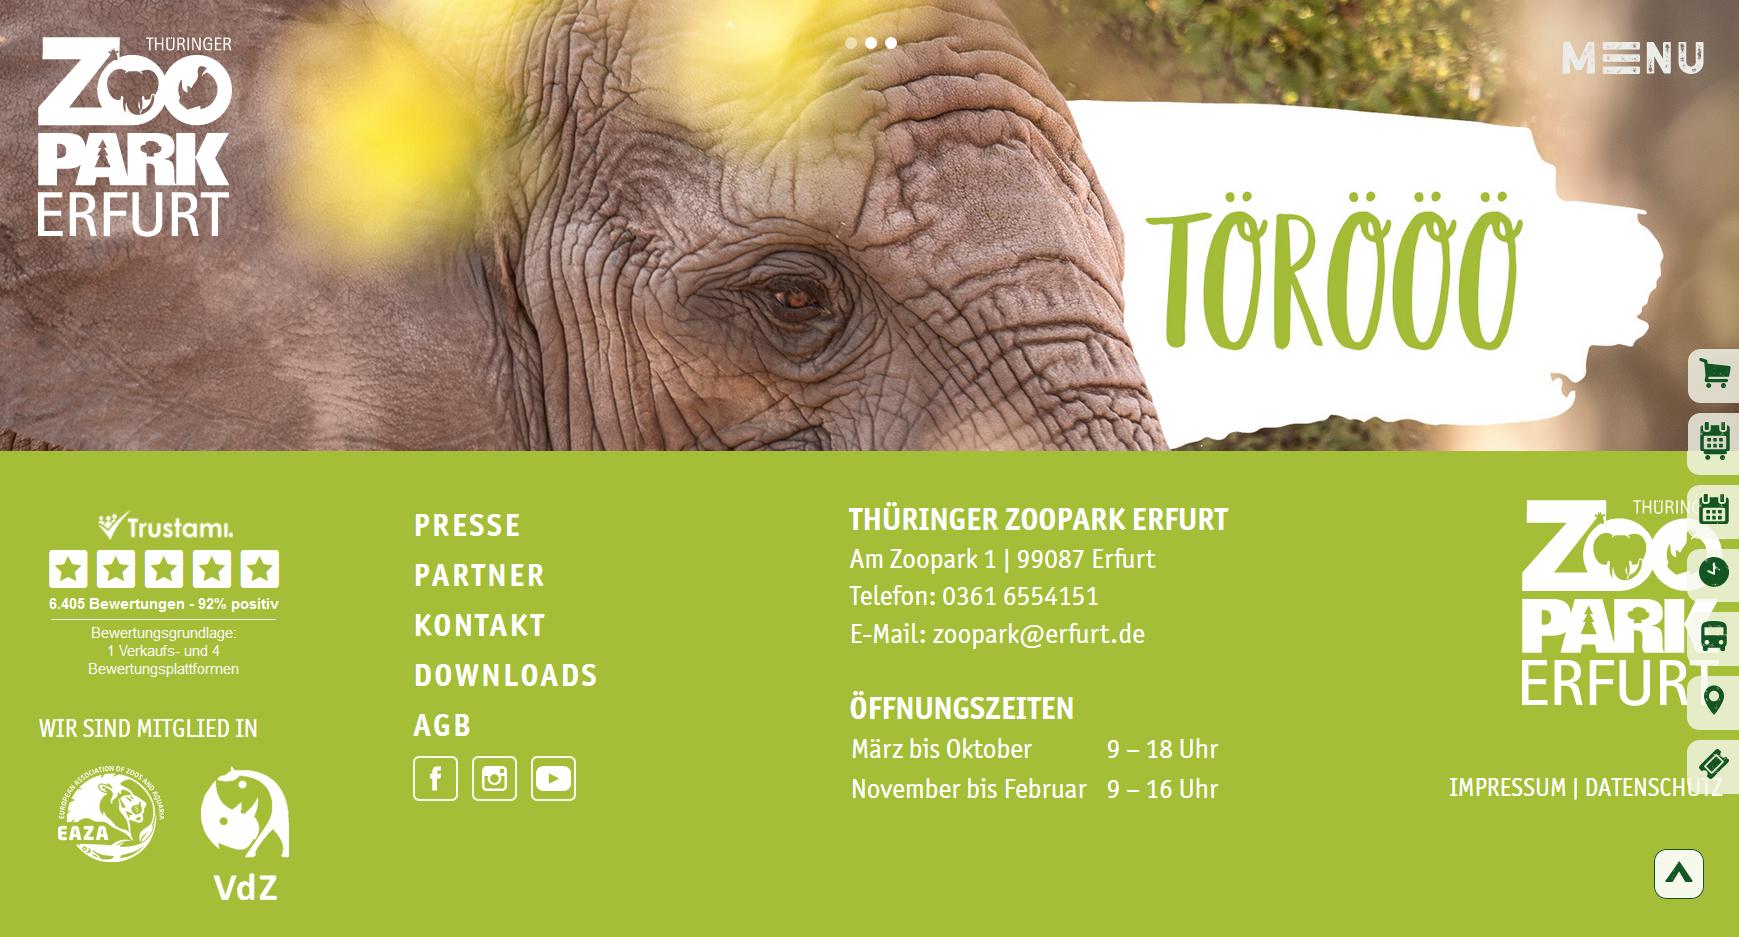 Trustamiparter: Der Zoopark Erfurt